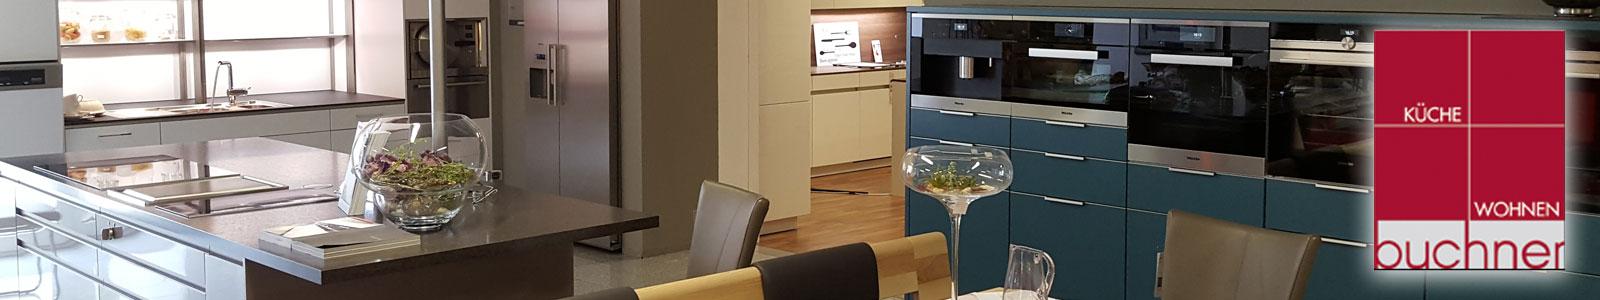 Buchner Küche + Wohnen Eichstätt